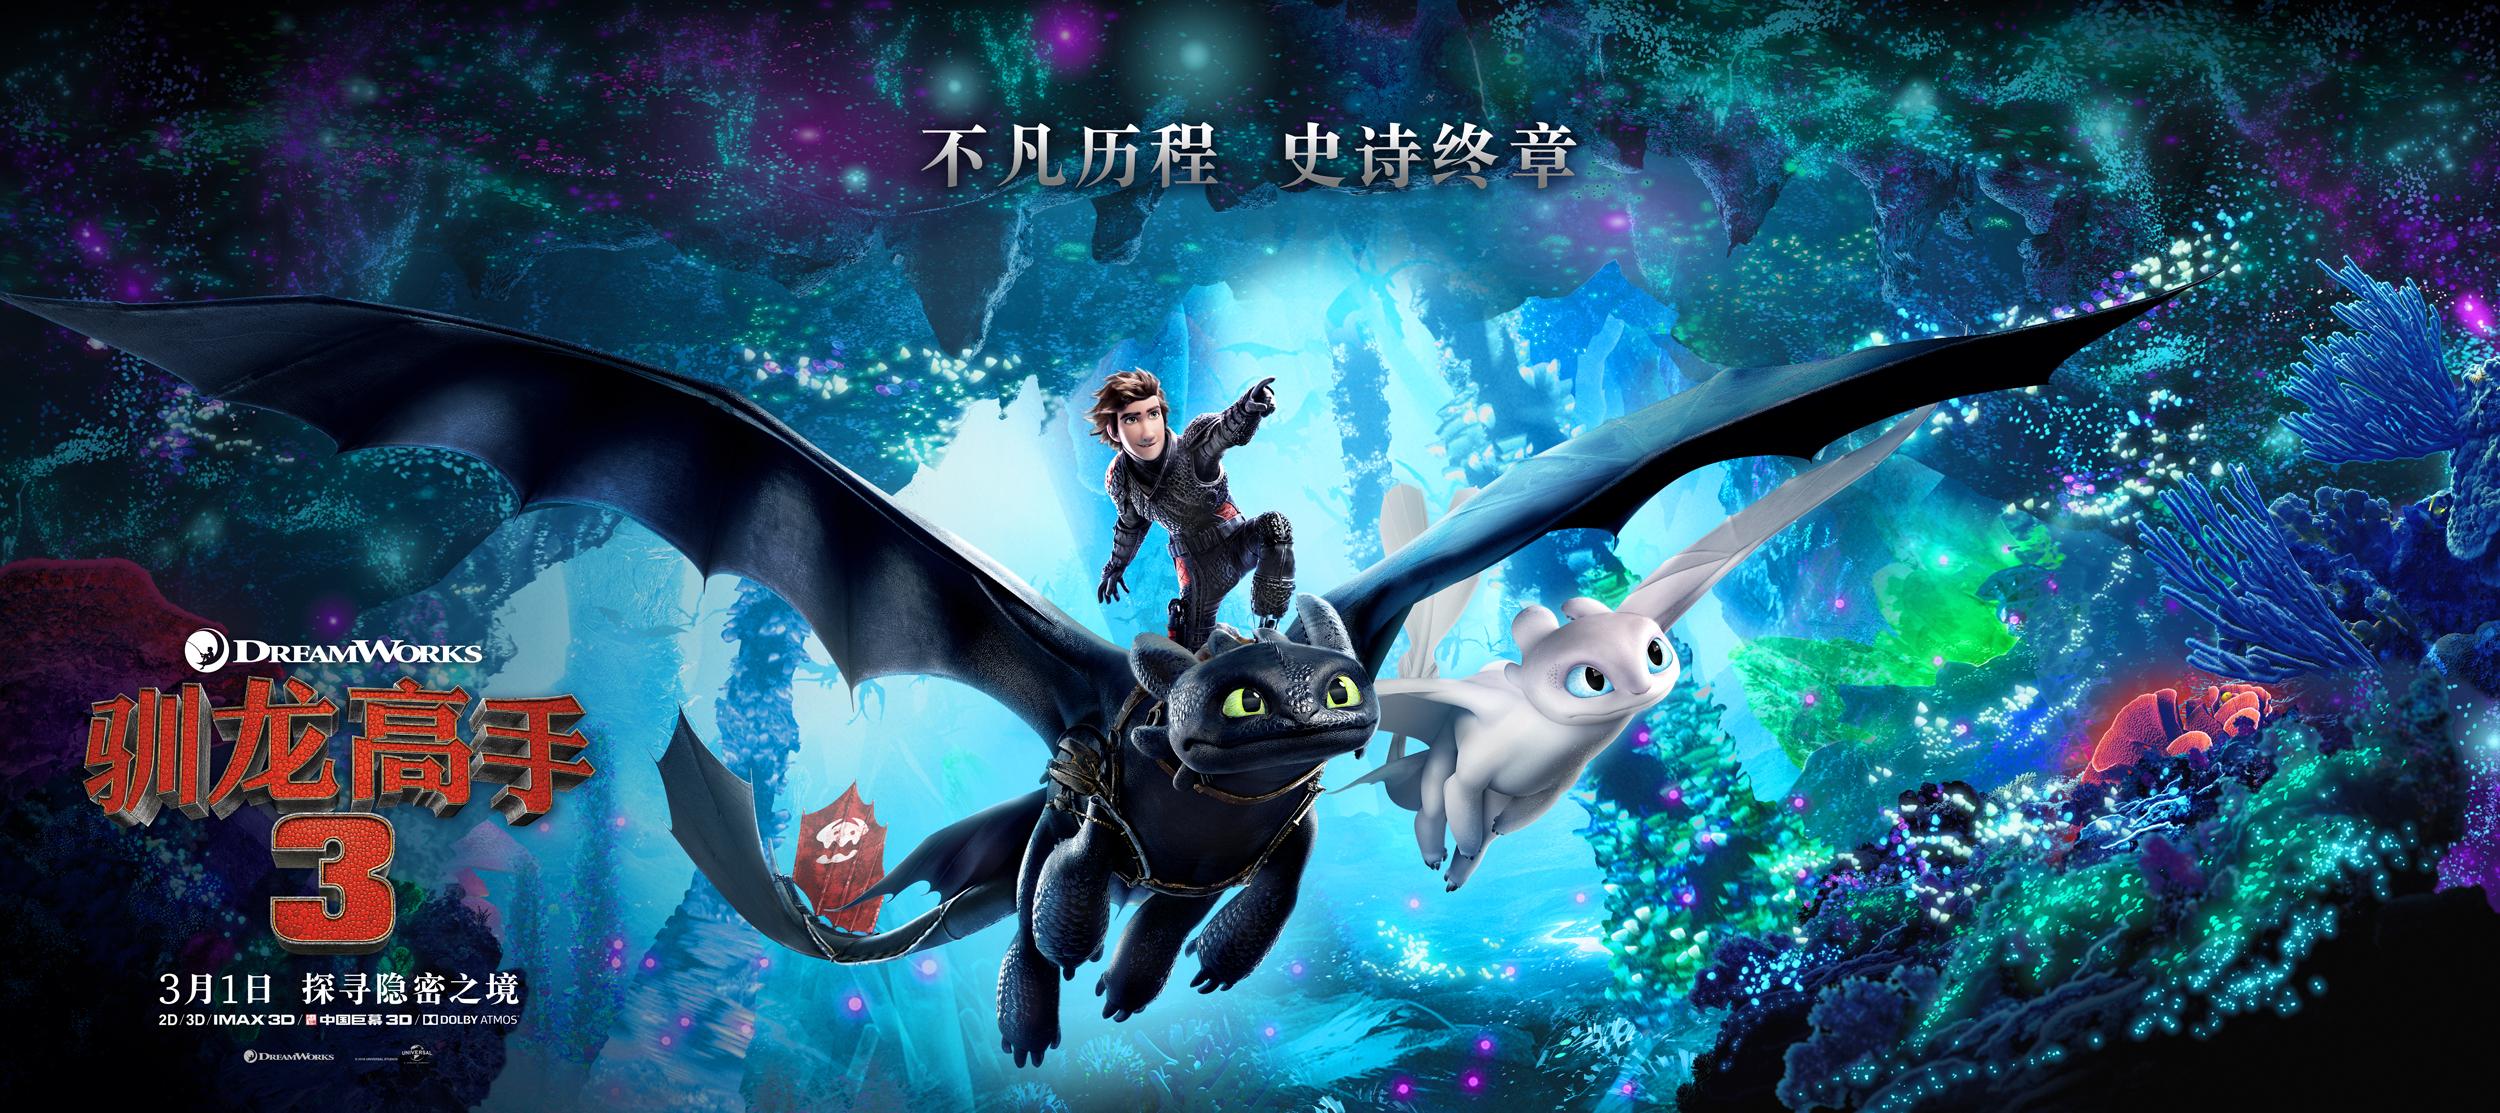 馴龍高手3:隱秘的世界海報 25 | 金海報-GoldPoster